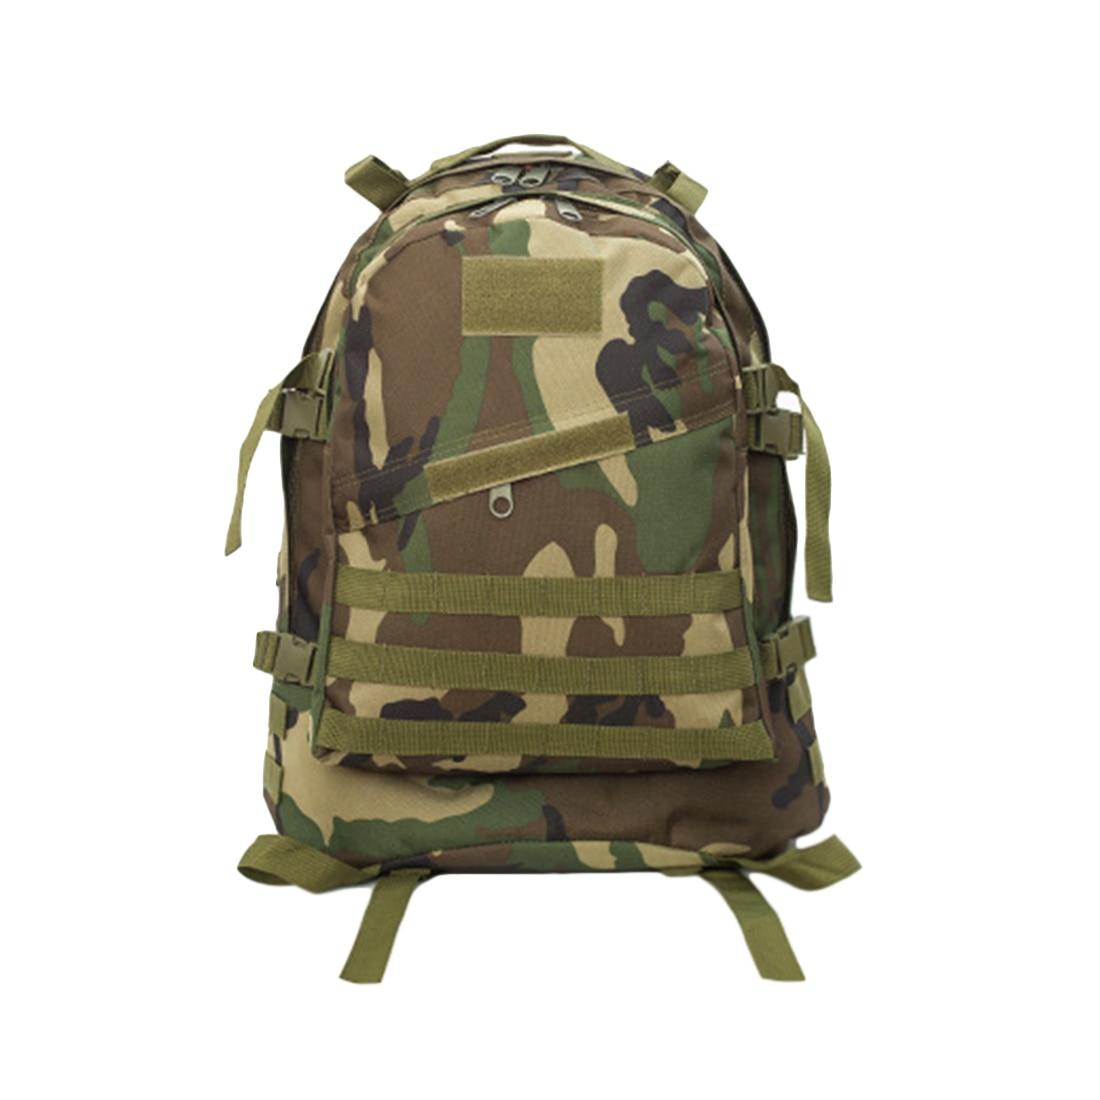 f9b465e79141c 3D 40L في الهواء الطلق العسكرية على ظهره الرجال حقيبة كتف التكتيكية رخوة  الظهر التخييم المشي لمسافات طويلة الإرتحال حقيبة التمويه